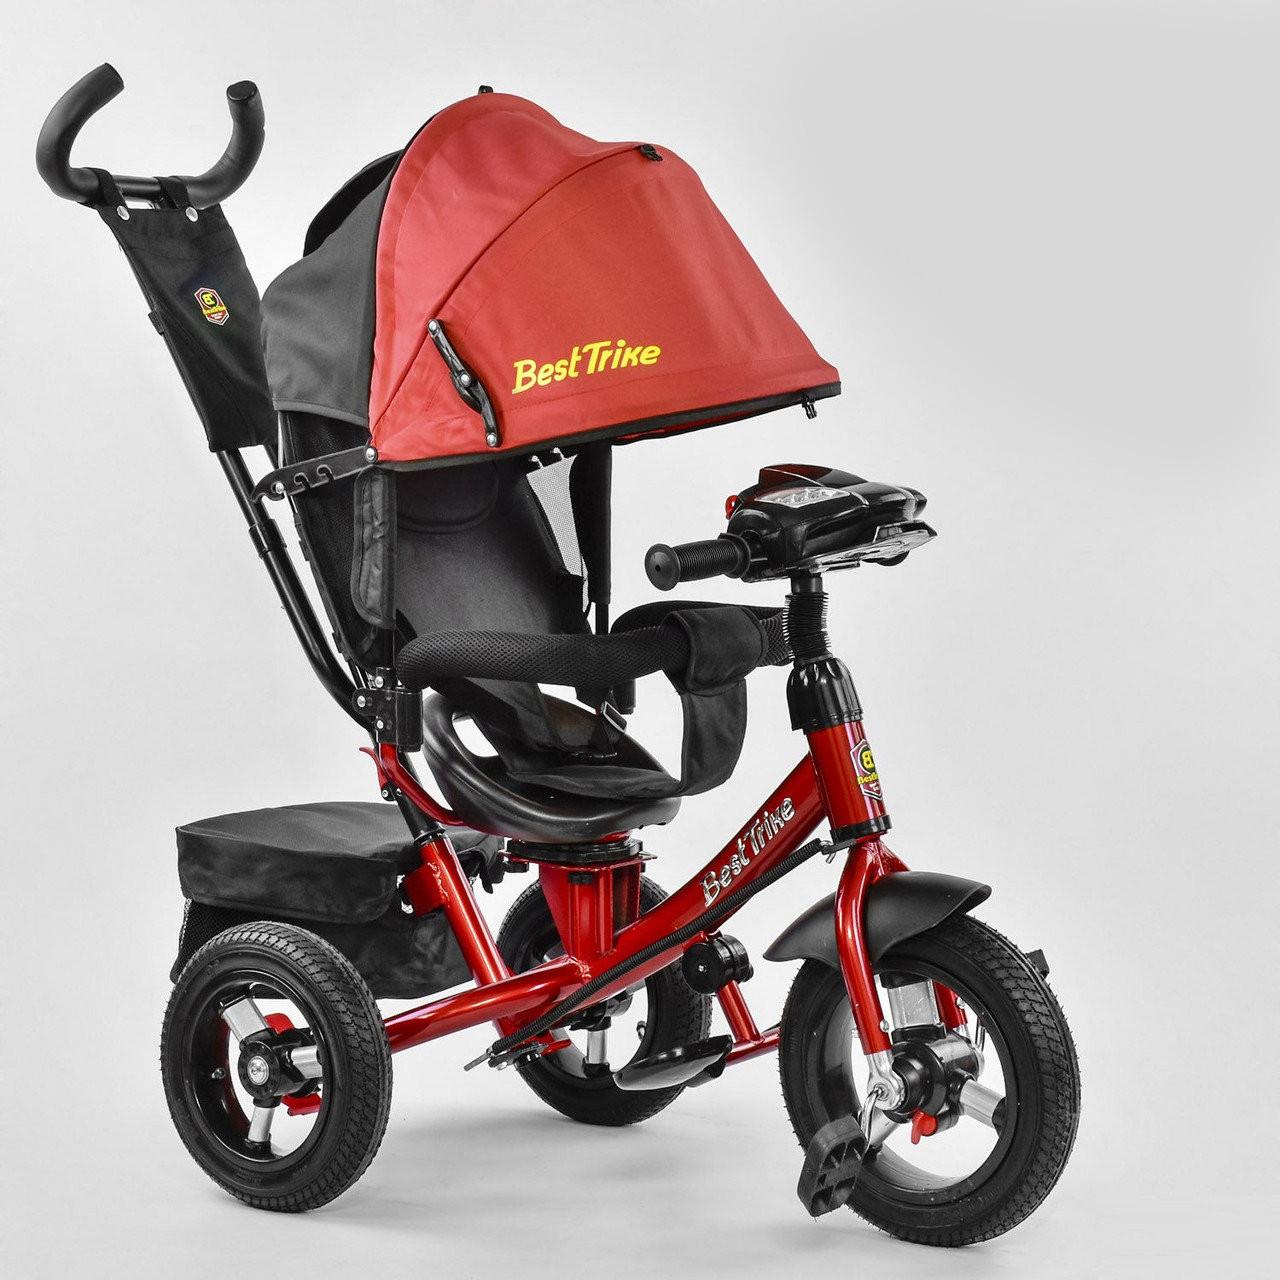 Велосипед Best Trike 7700 В - 1244 поворотное сиденье, надувные колеса, пульт включения света и звука